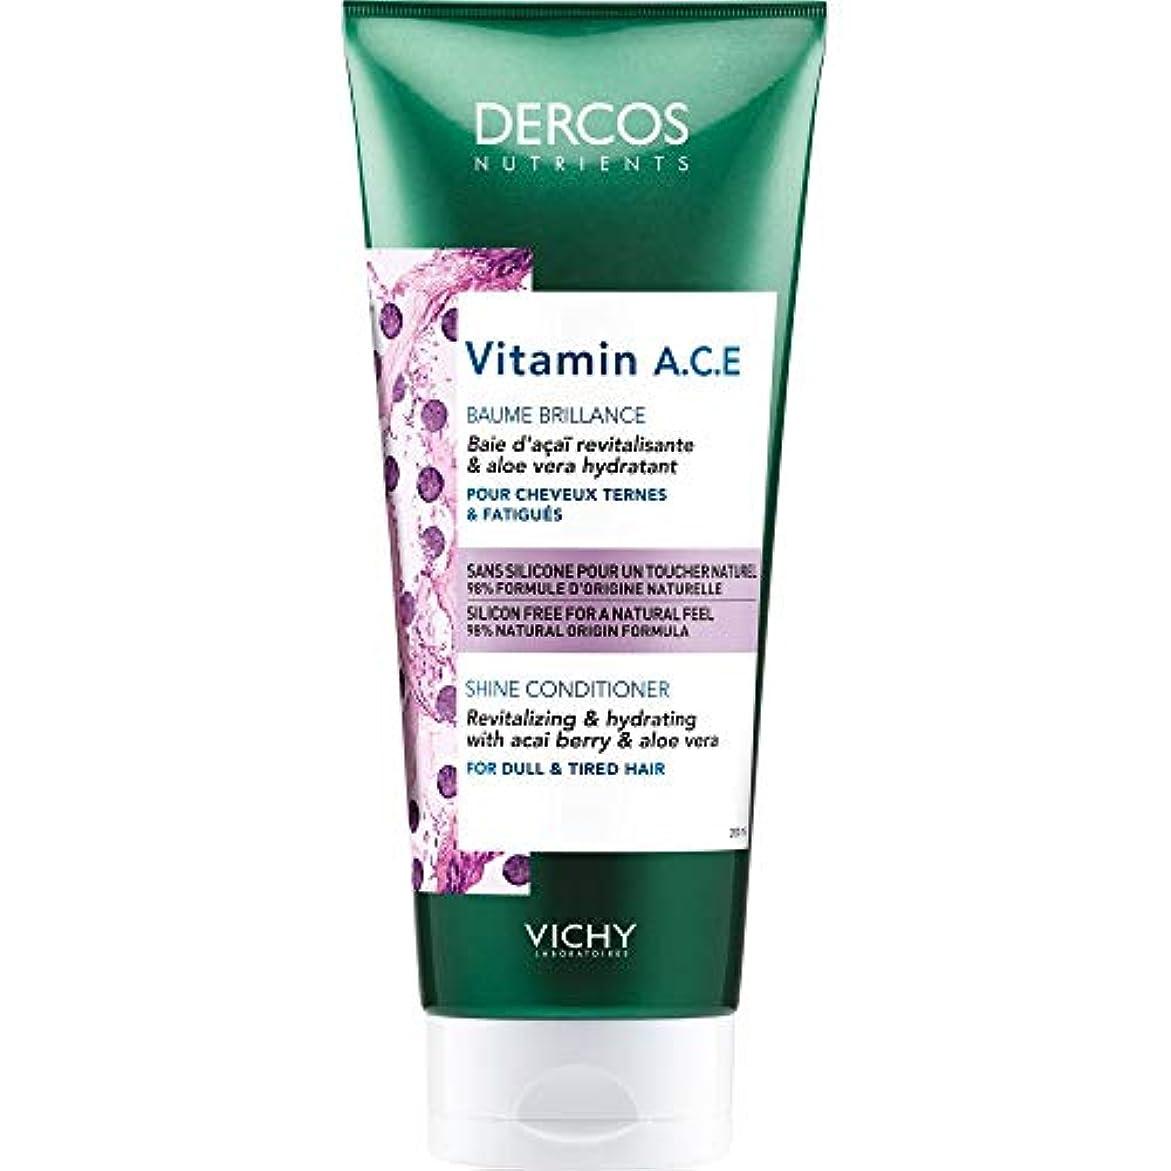 海峡段階早熟[Vichy ] 栄養素のビタミンA.C.E輝きコンディショナー200Ml Dercosヴィシー - Vichy Dercos Nutrients Vitamin A.C.E Shine Conditioner 200ml...